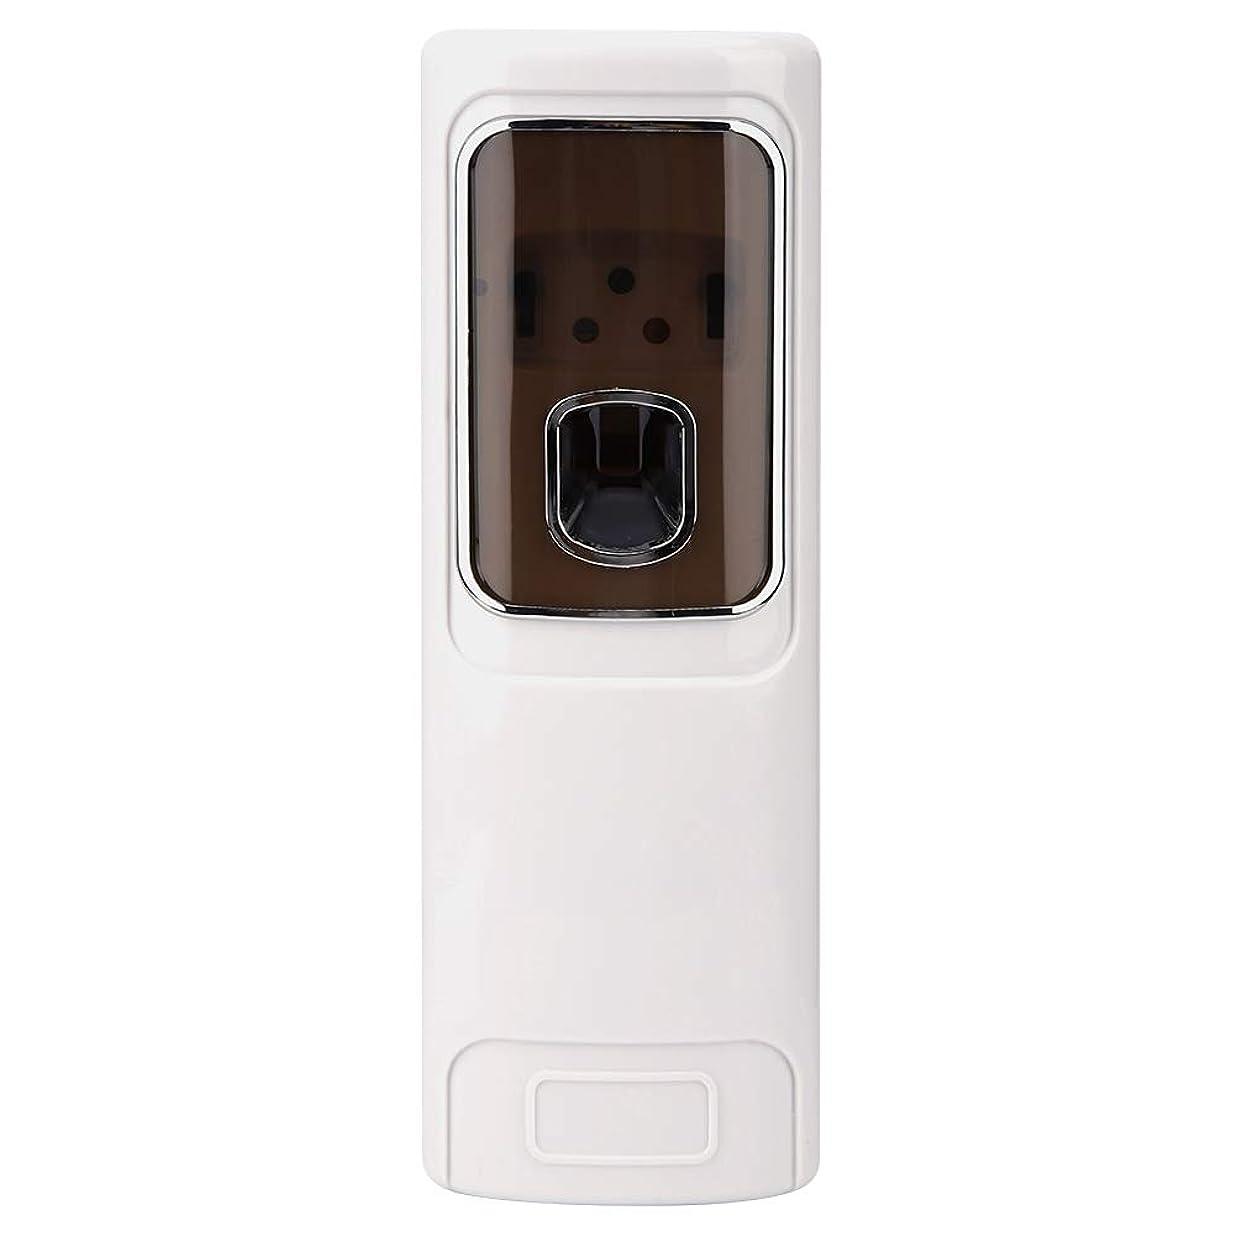 応答タイマー選択する自動芳香剤ディスペンサー、300ML壁掛けエッセンシャルオイルエアゾールフレグランススプレーマシン、トイレバスルームホテルゲストルームリビングルーム香りのオイル気化器加湿器